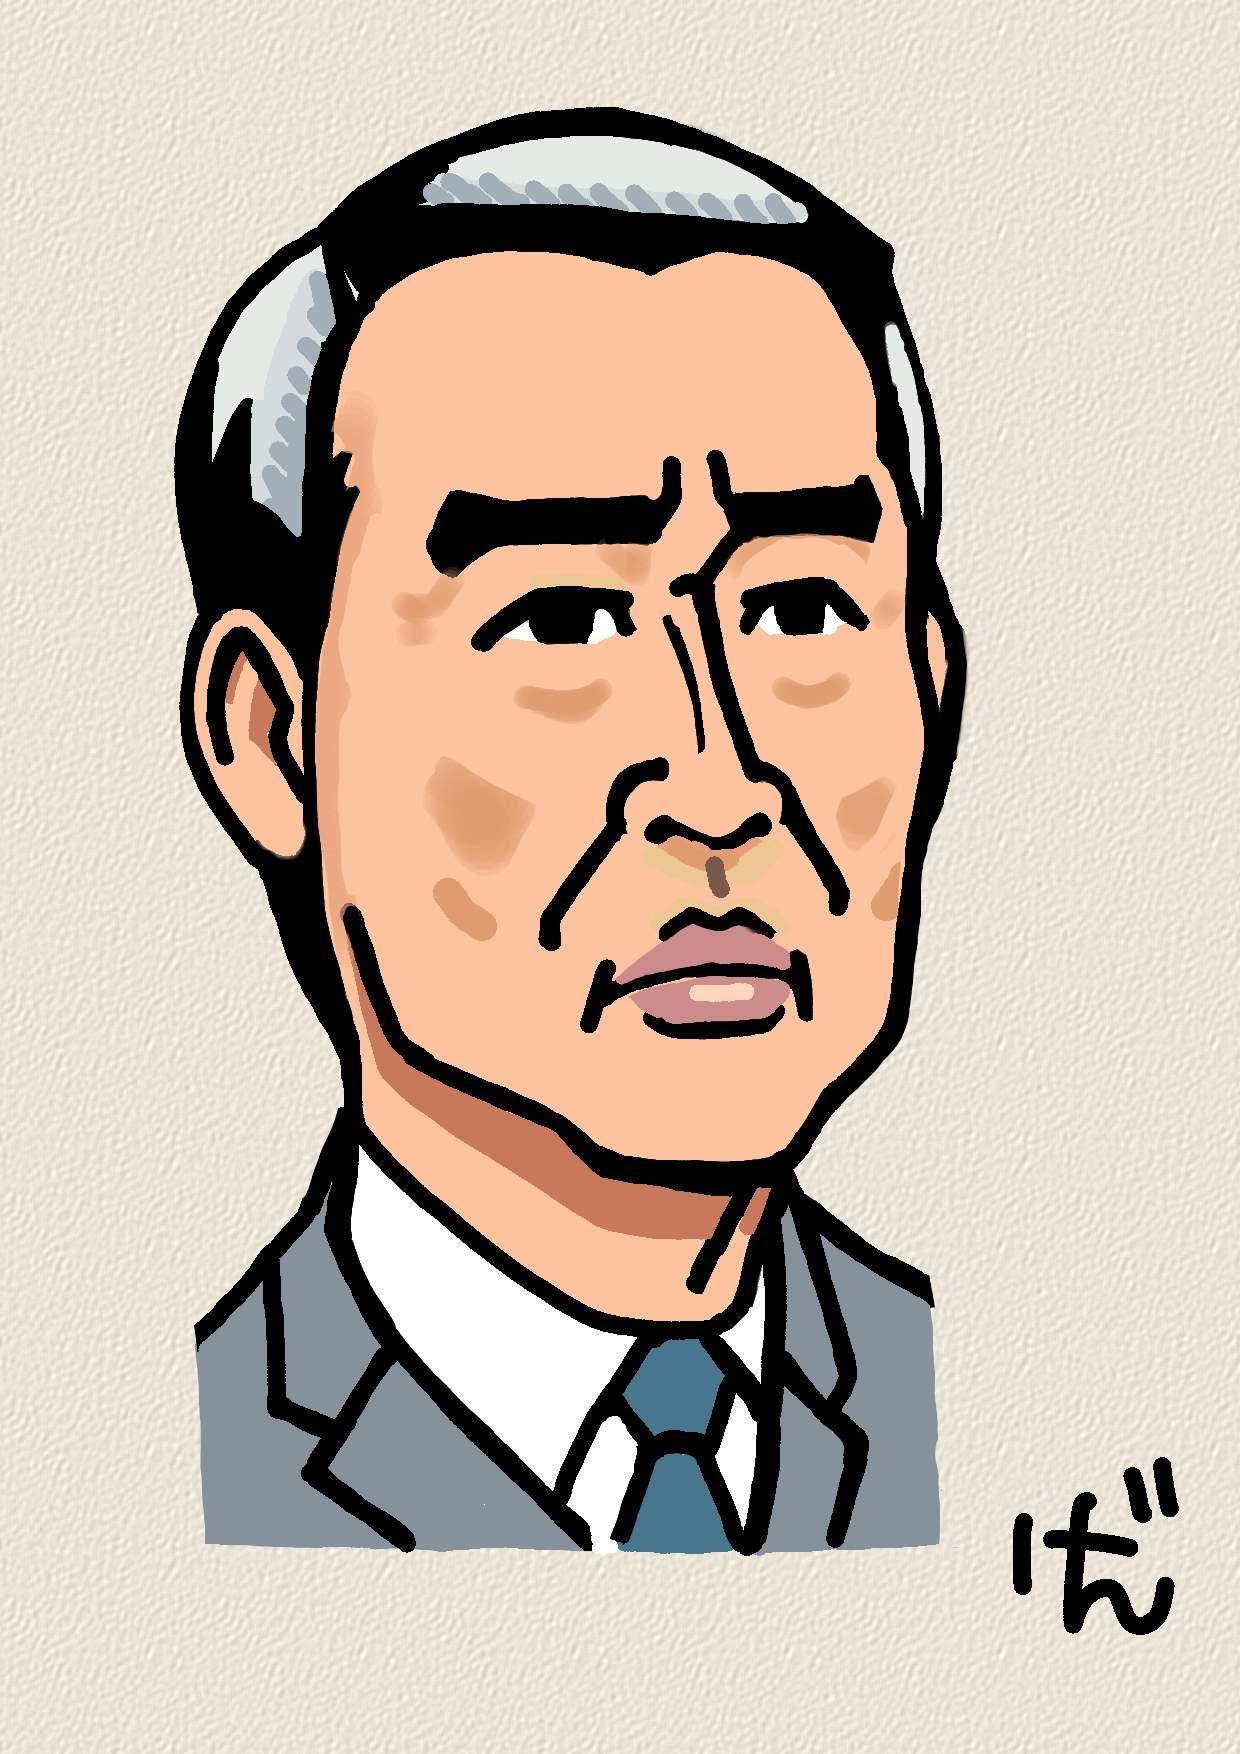 Tetsuya-Watari